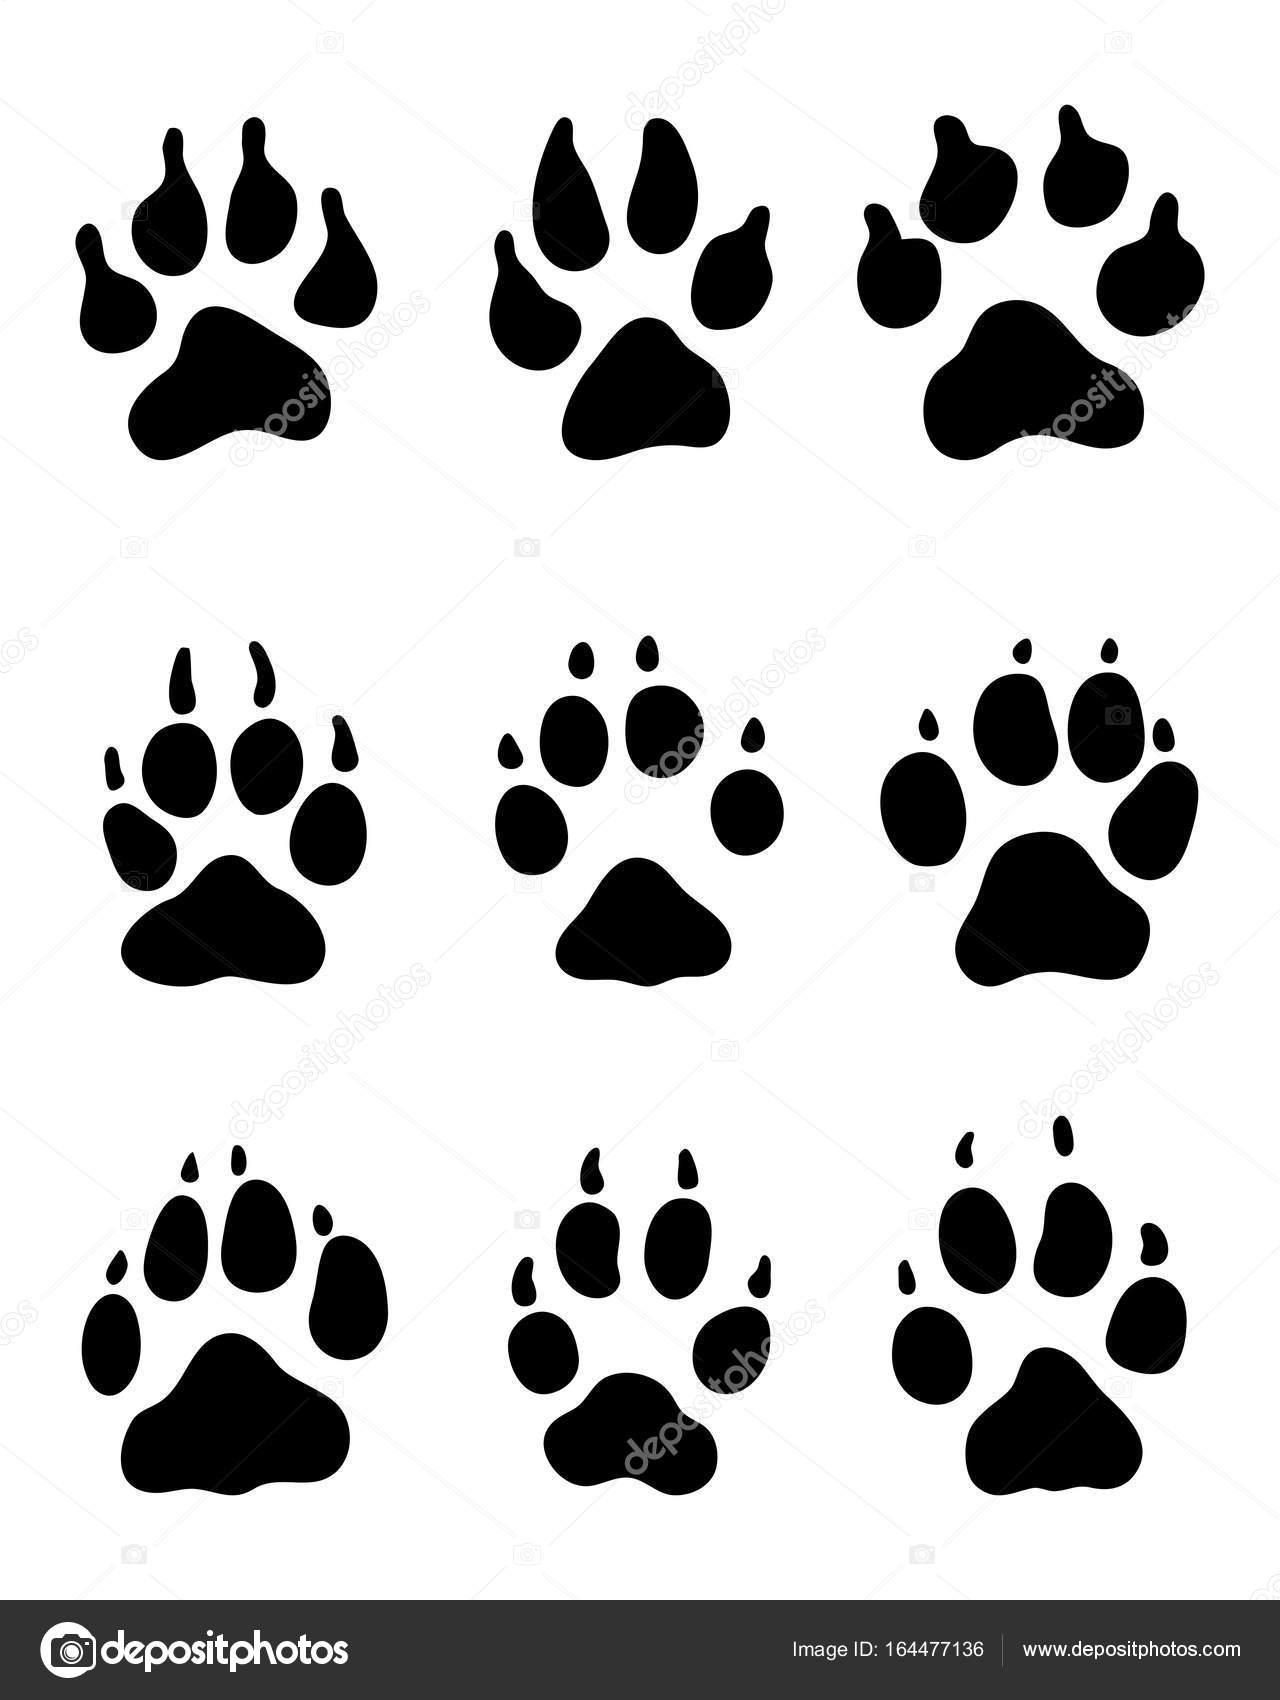 Empreinte Patte De Chien empreinte de patte de chien — image vectorielle ratkomat © #164477136